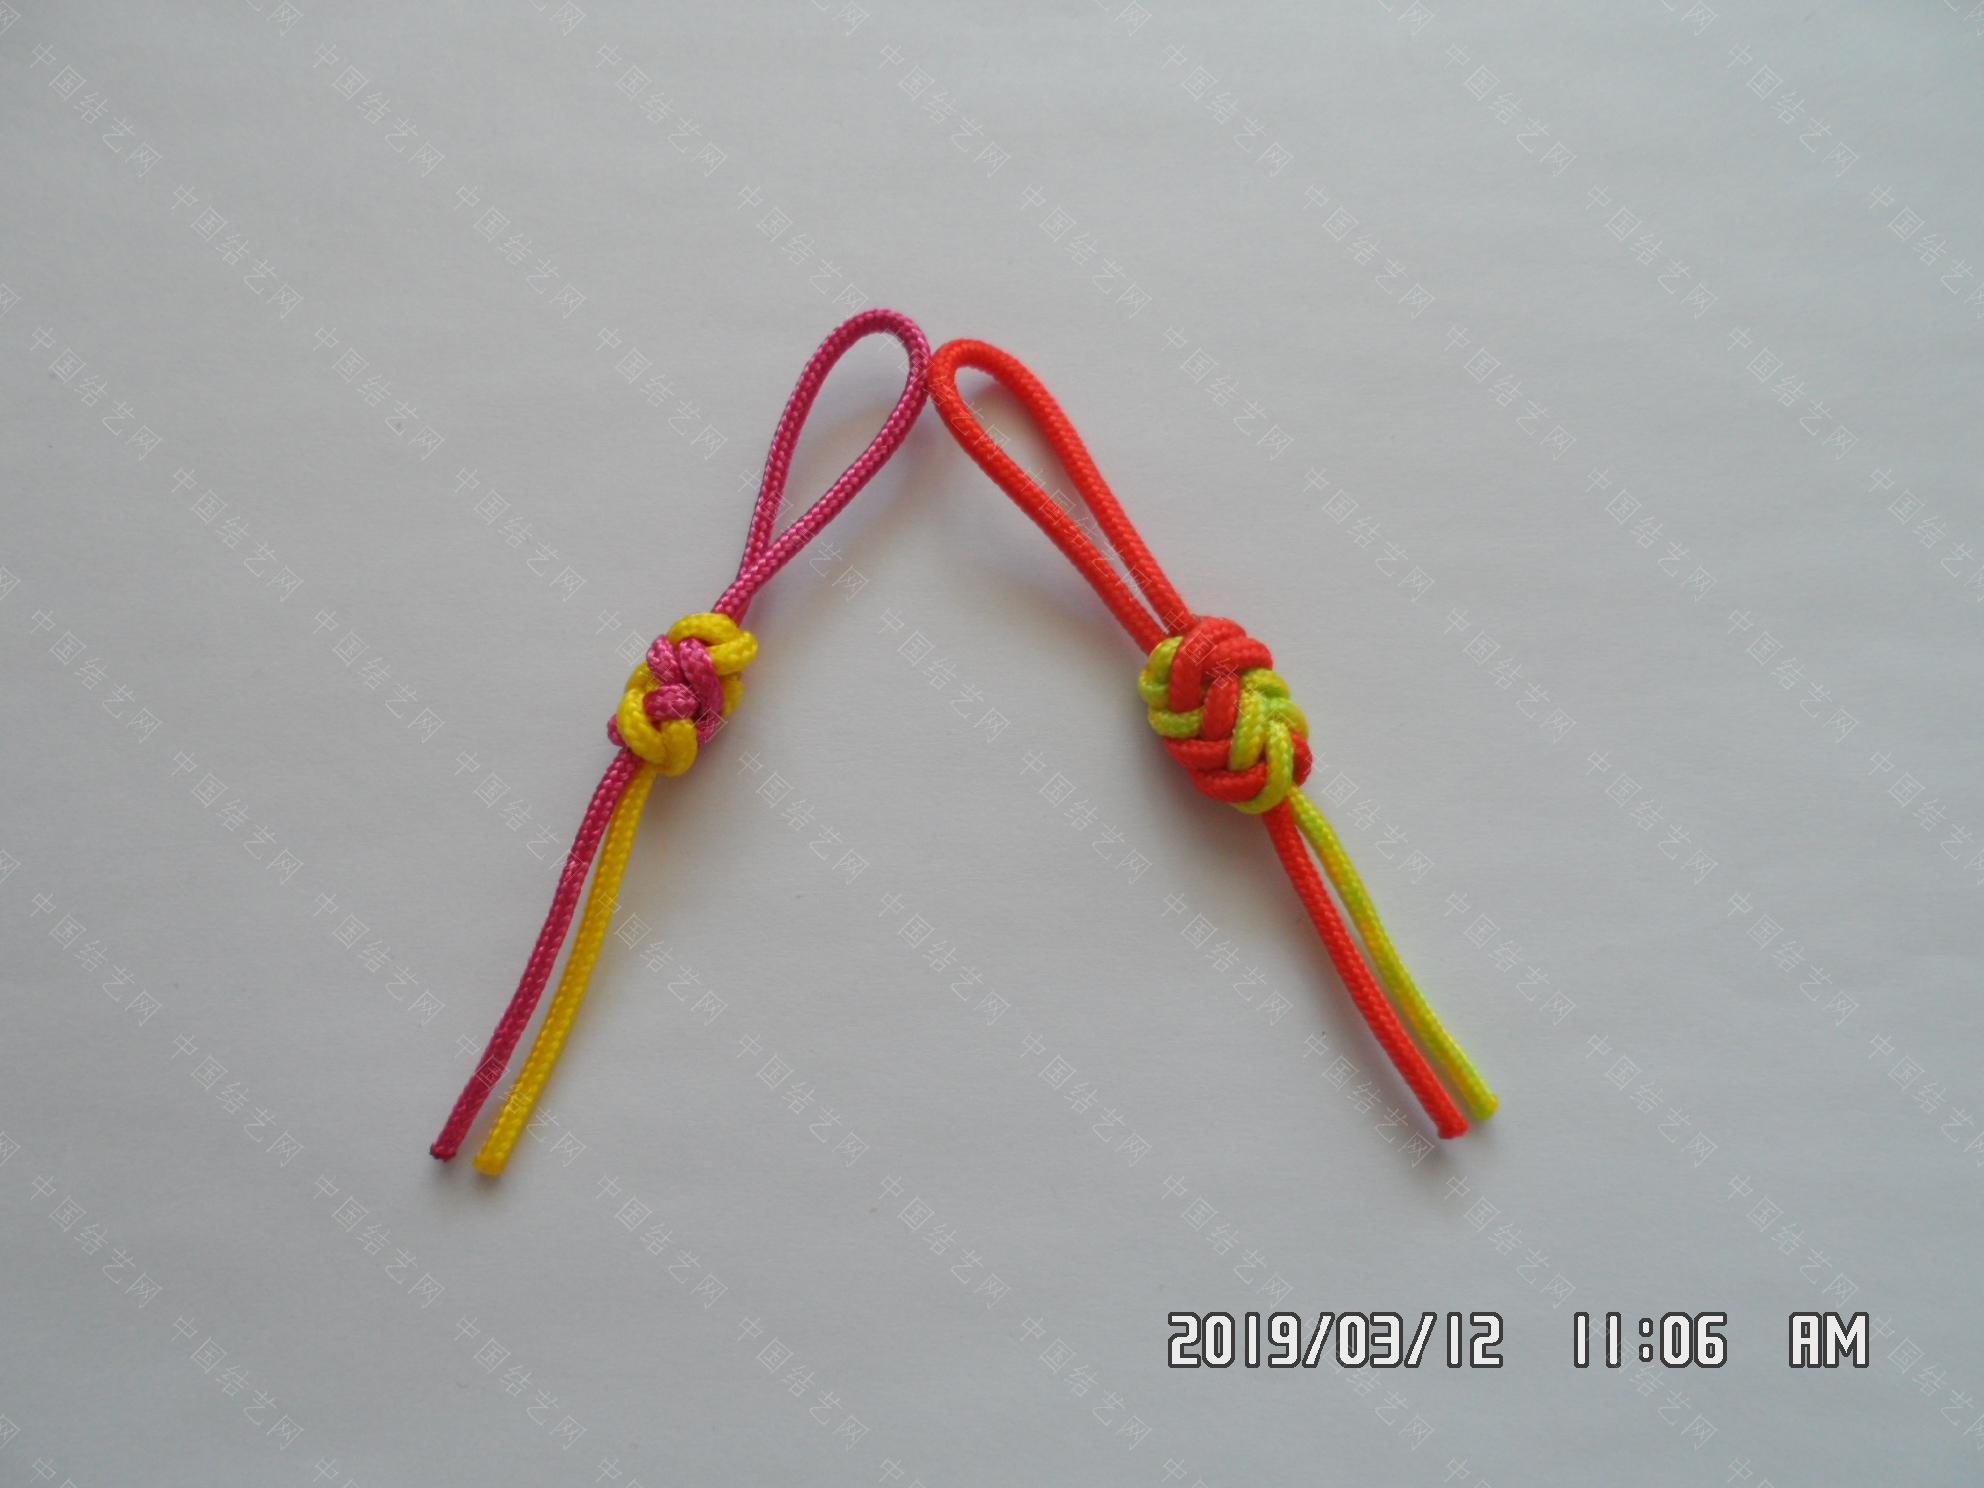 中国结论坛 一款伞绳扁形小挂件的走线方法  图文教程区 172419mgd11x1qaza14ang